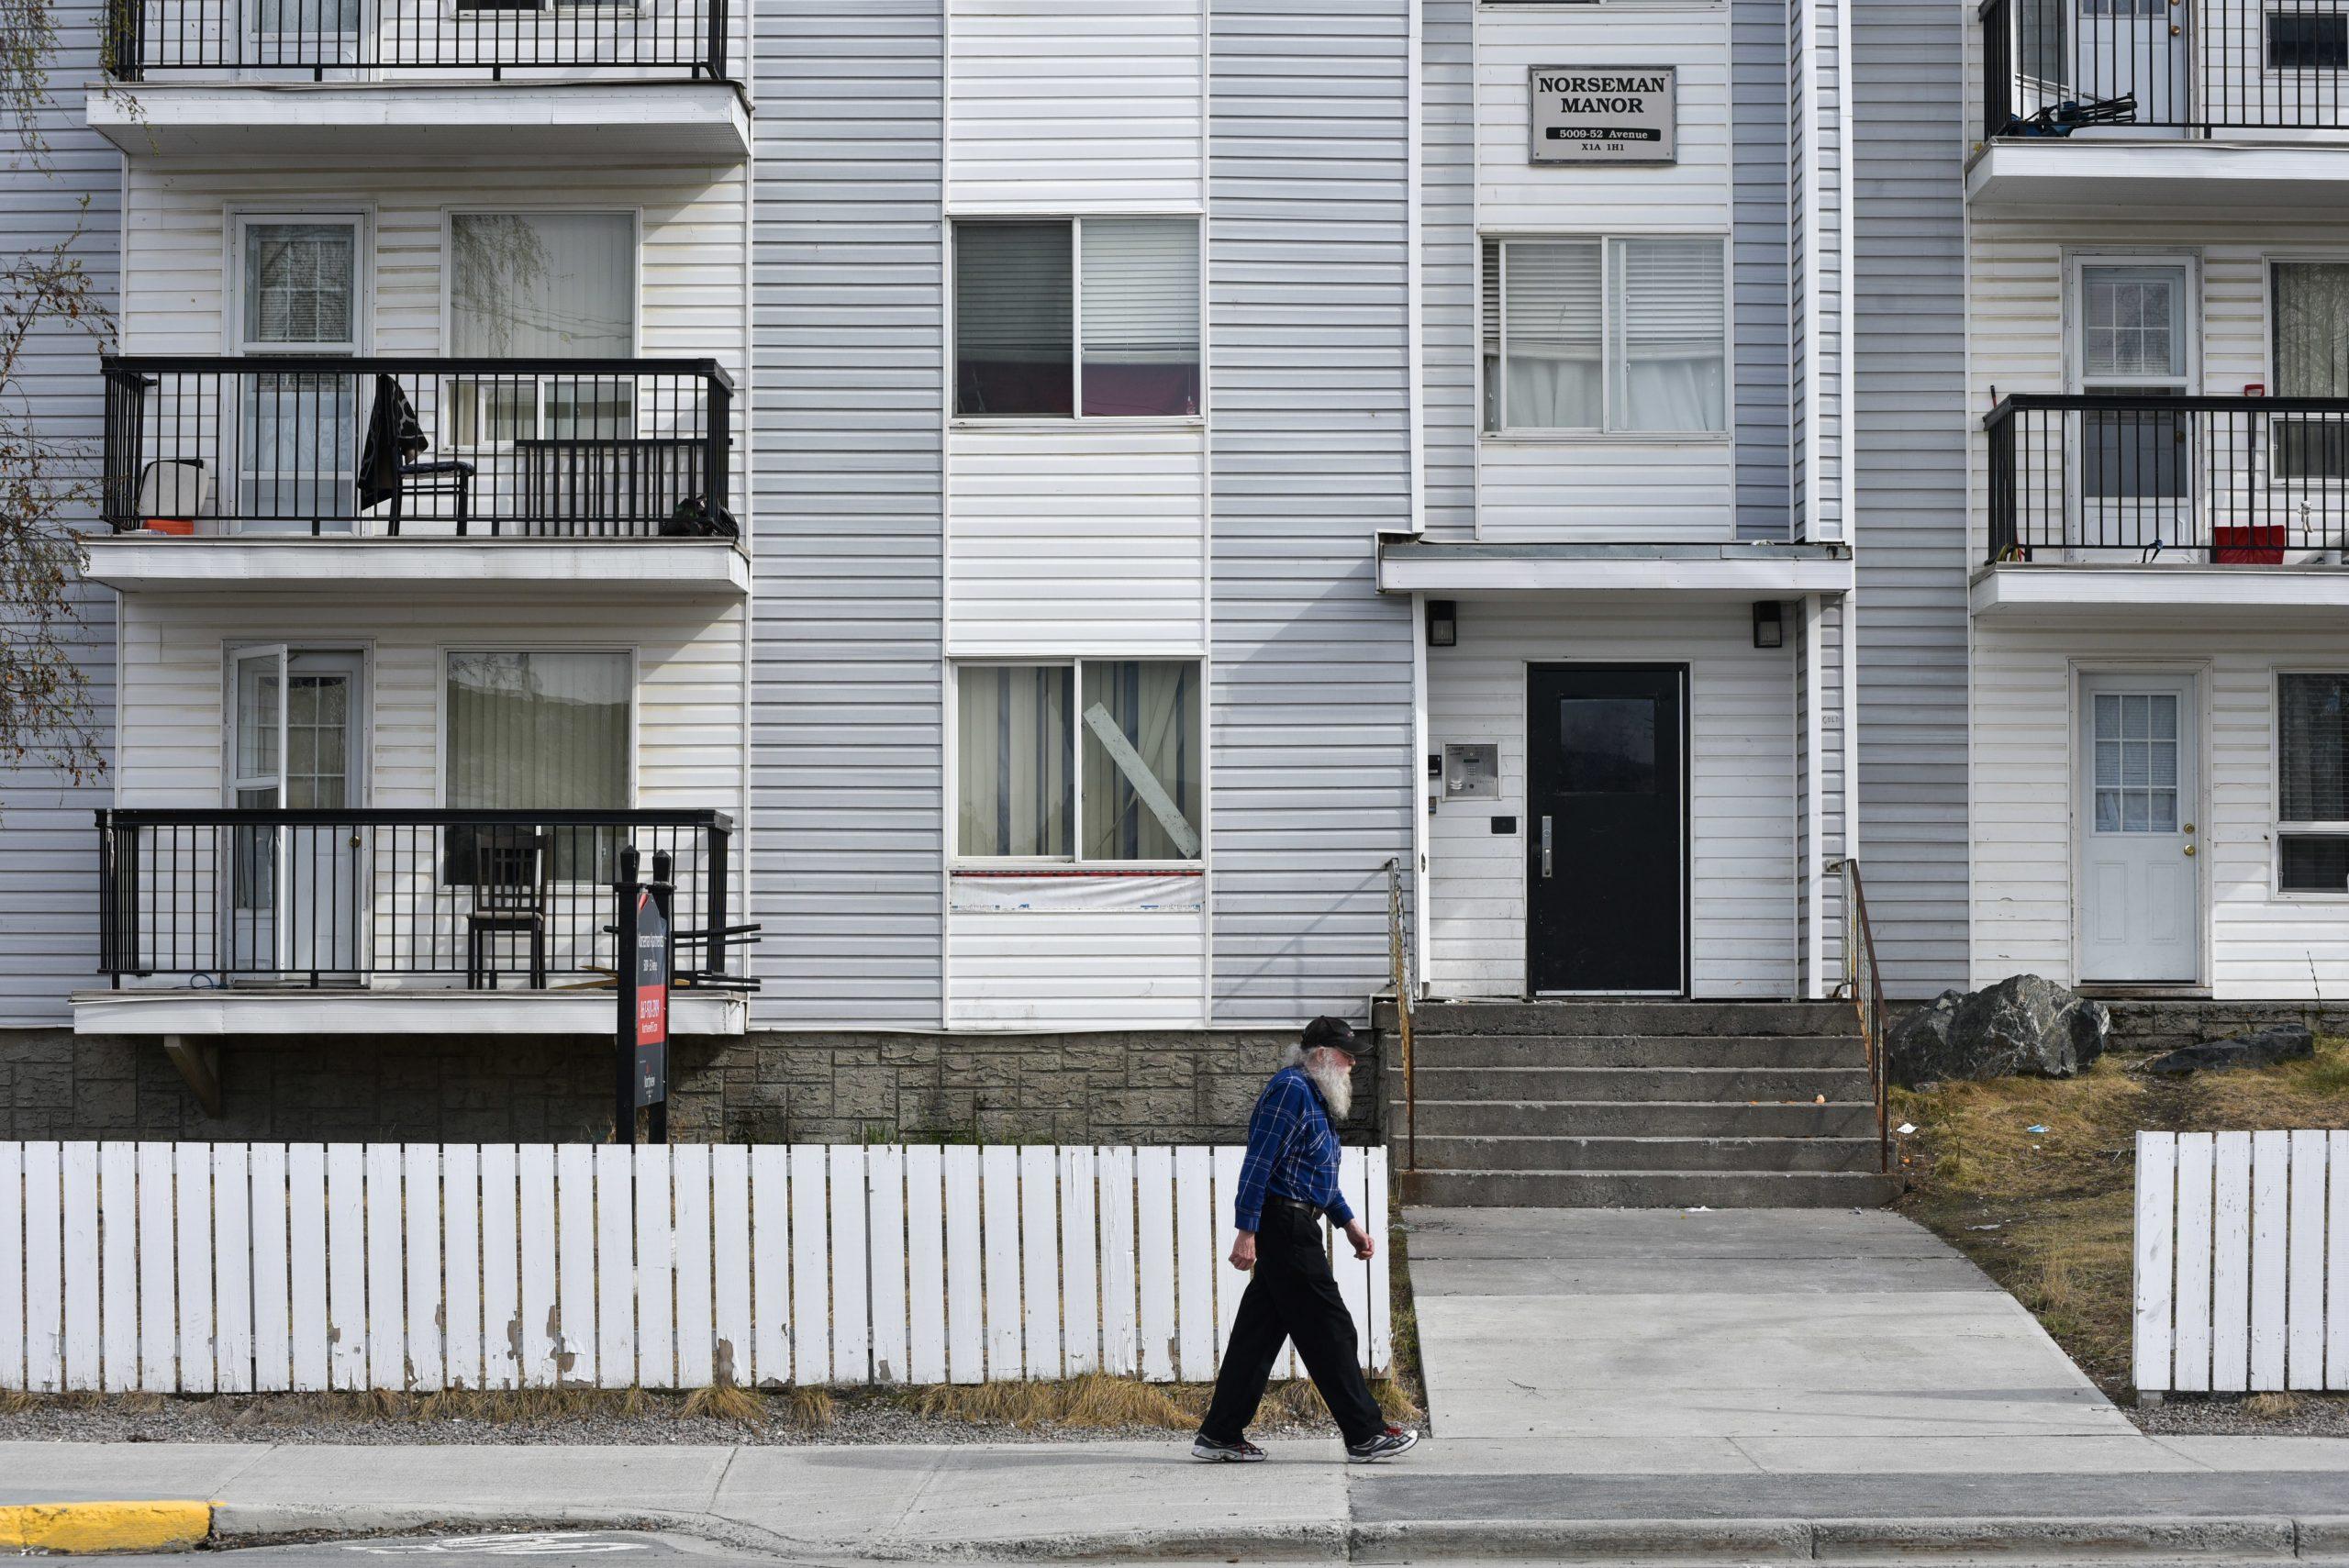 Kanada'nın kuzeyindeki kiralık konutlara nasıl bir şirket hakim oldu?